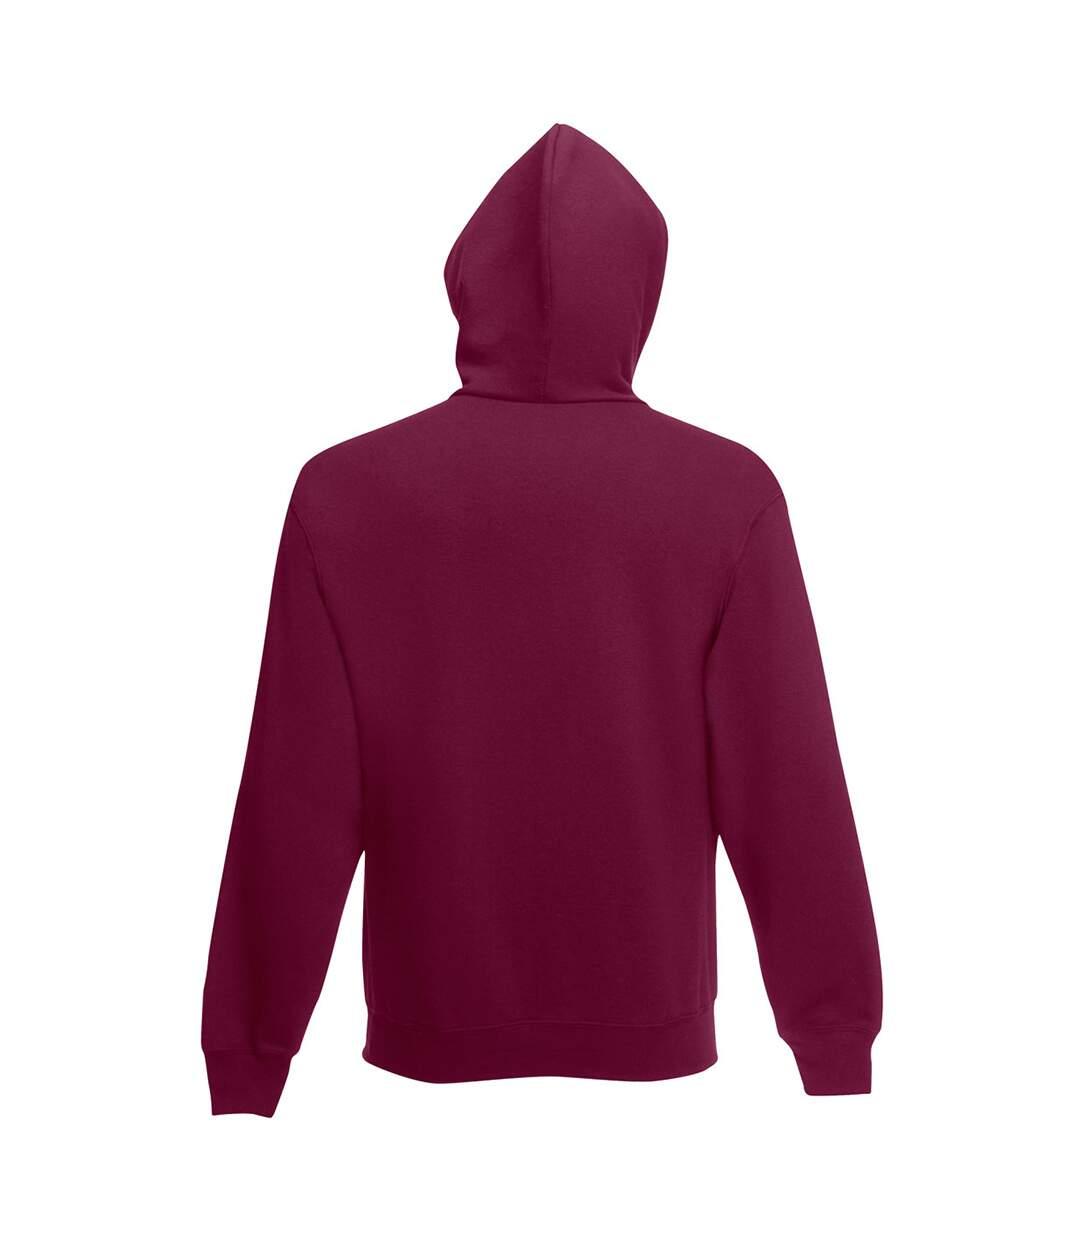 Fruit Of The Loom Mens Hooded Sweatshirt / Hoodie (Burgundy) - UTBC366